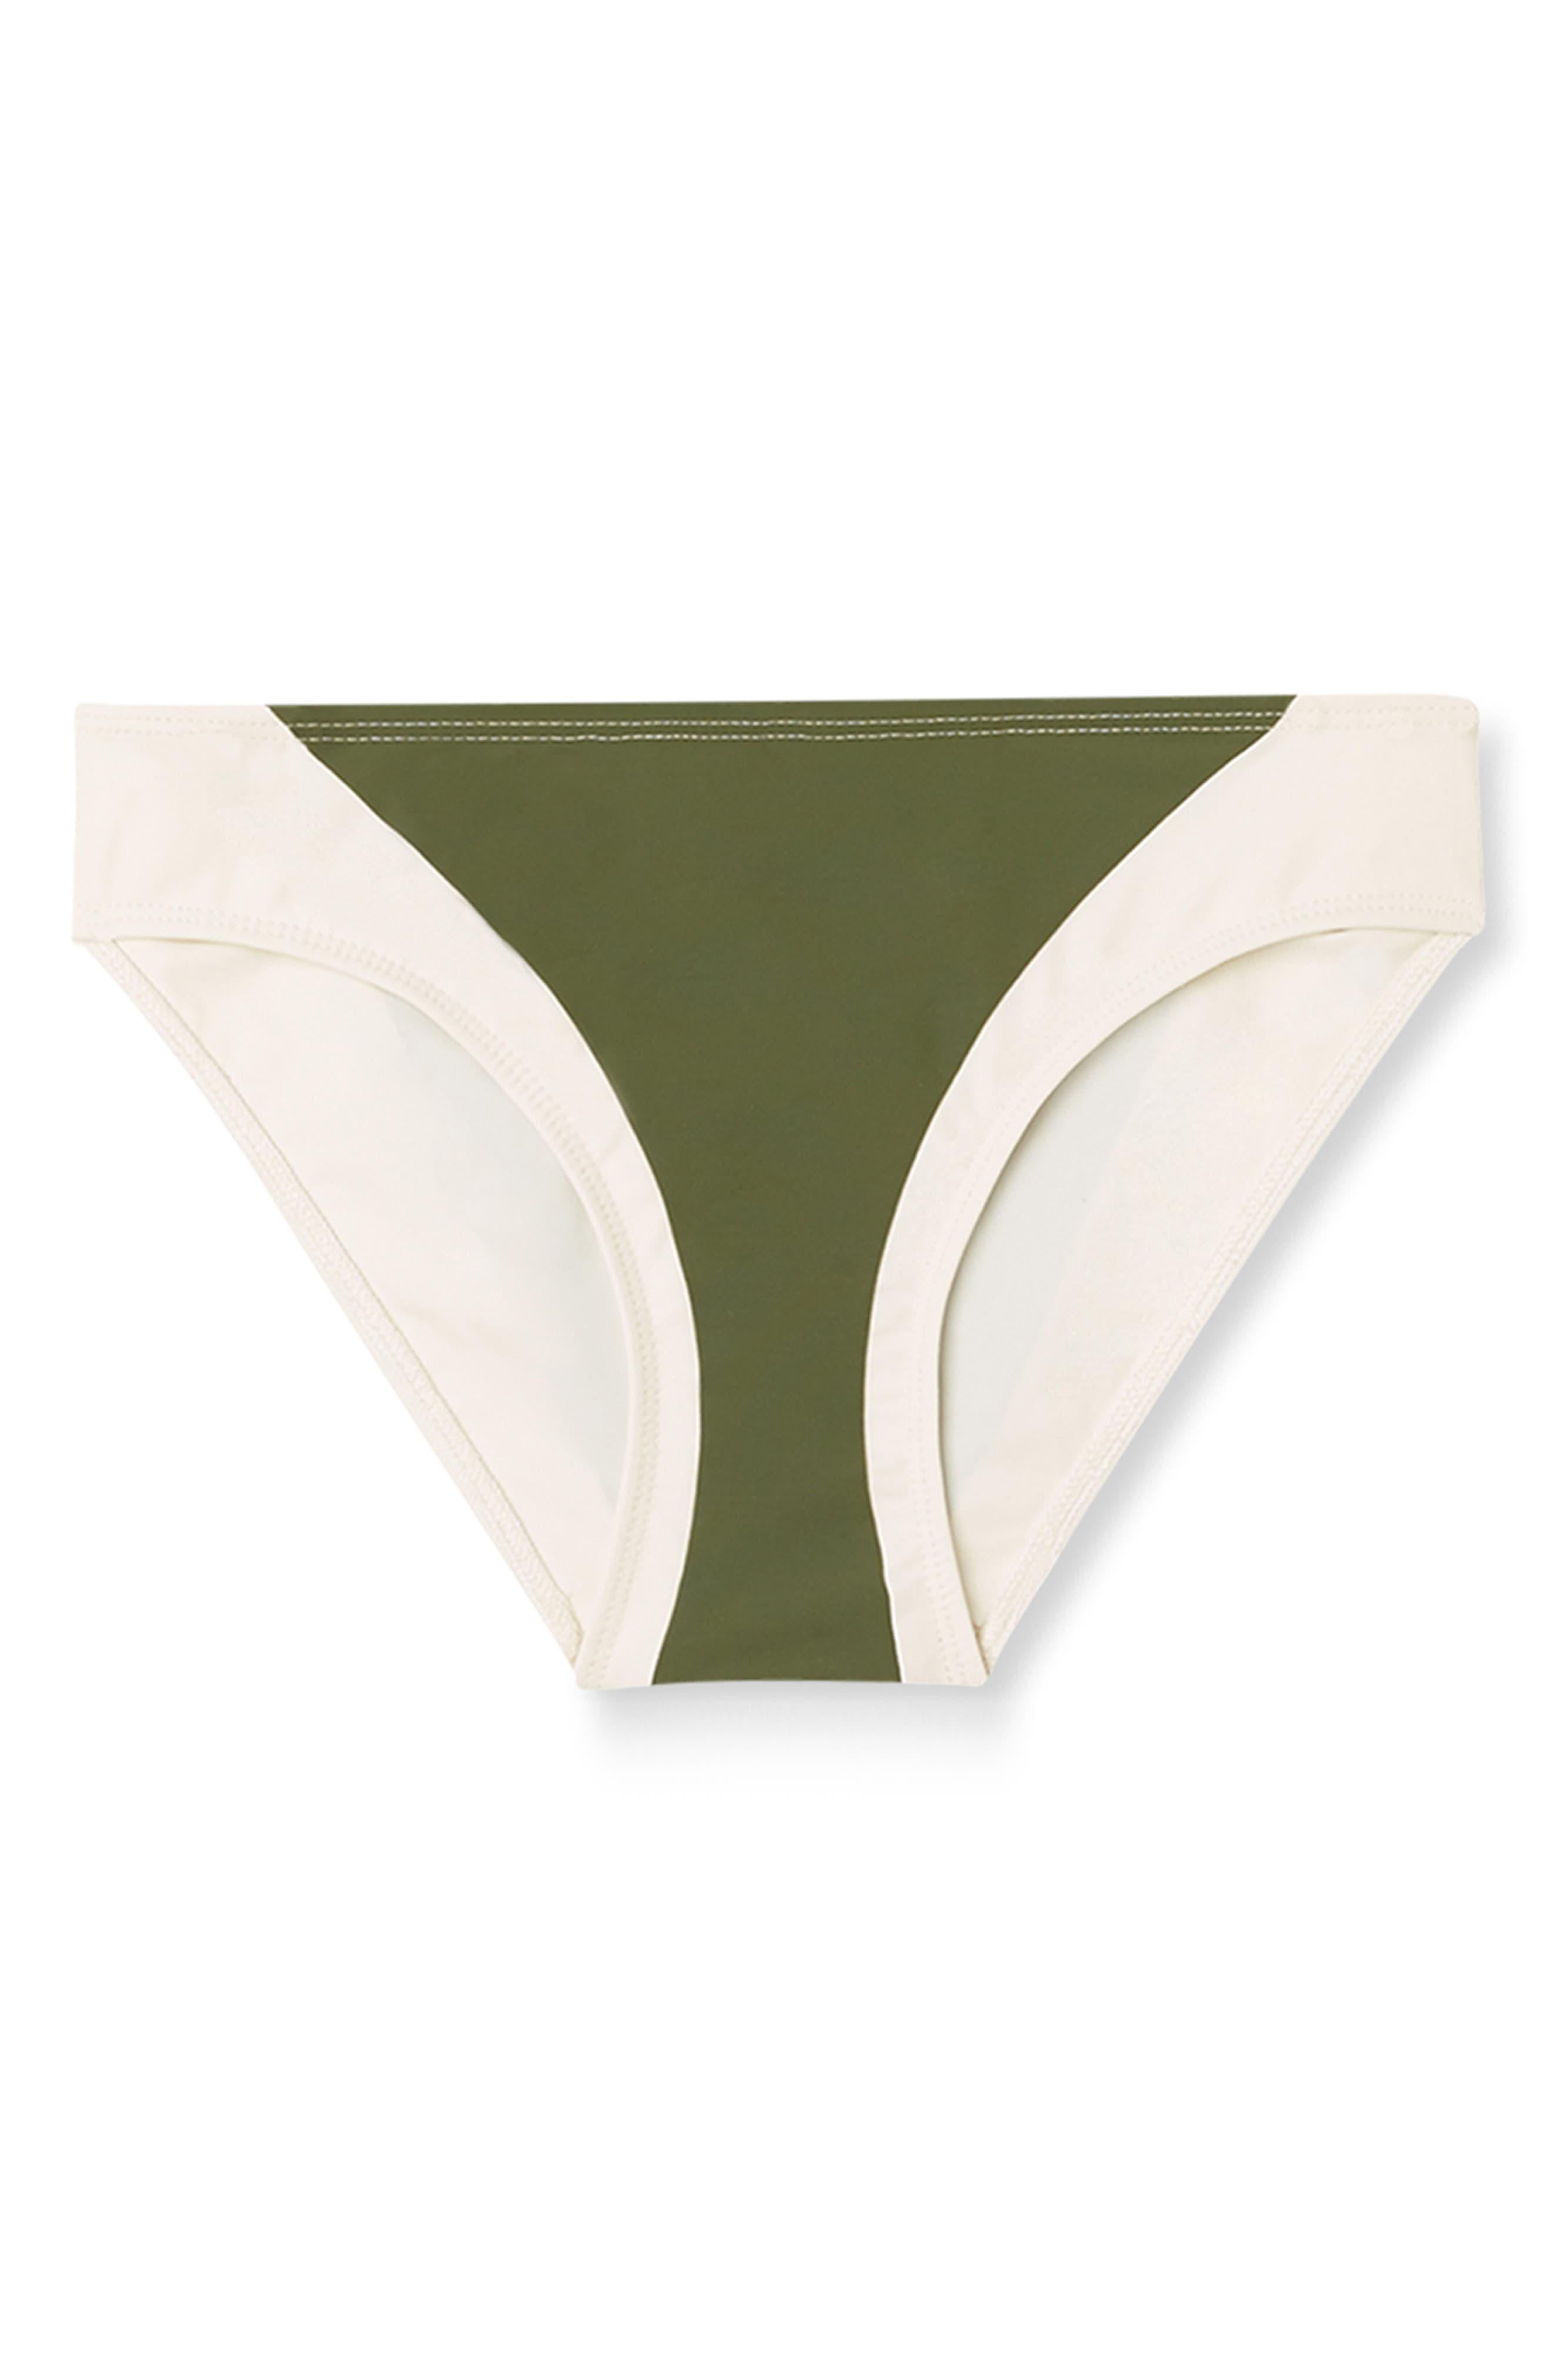 Celine Bikini Bottoms in Olive Multi